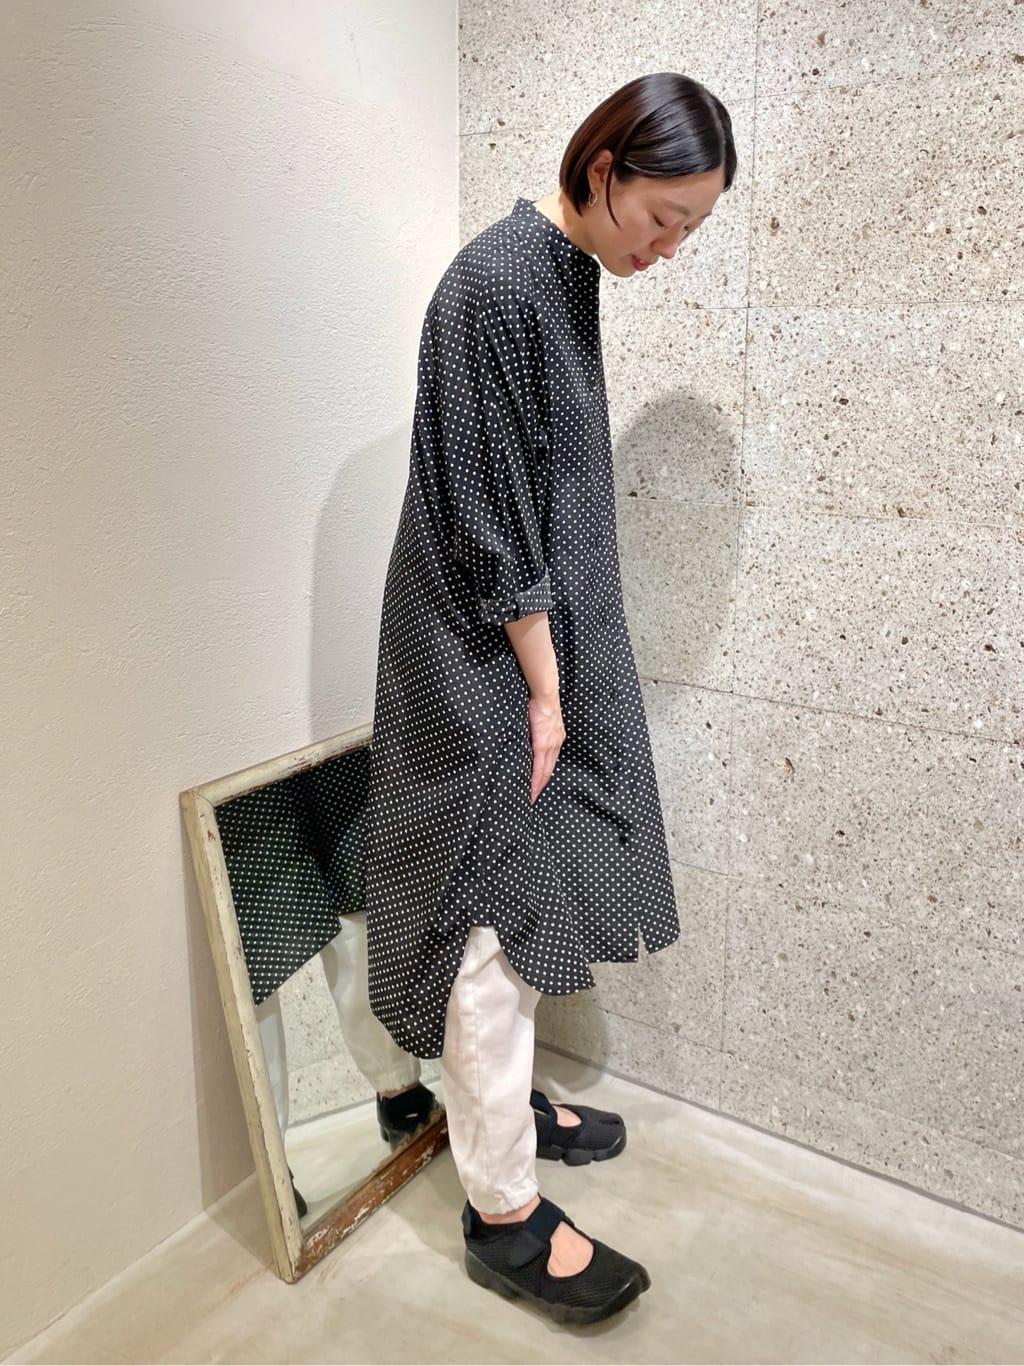 yuni ニュウマン横浜 身長:166cm 2021.08.06